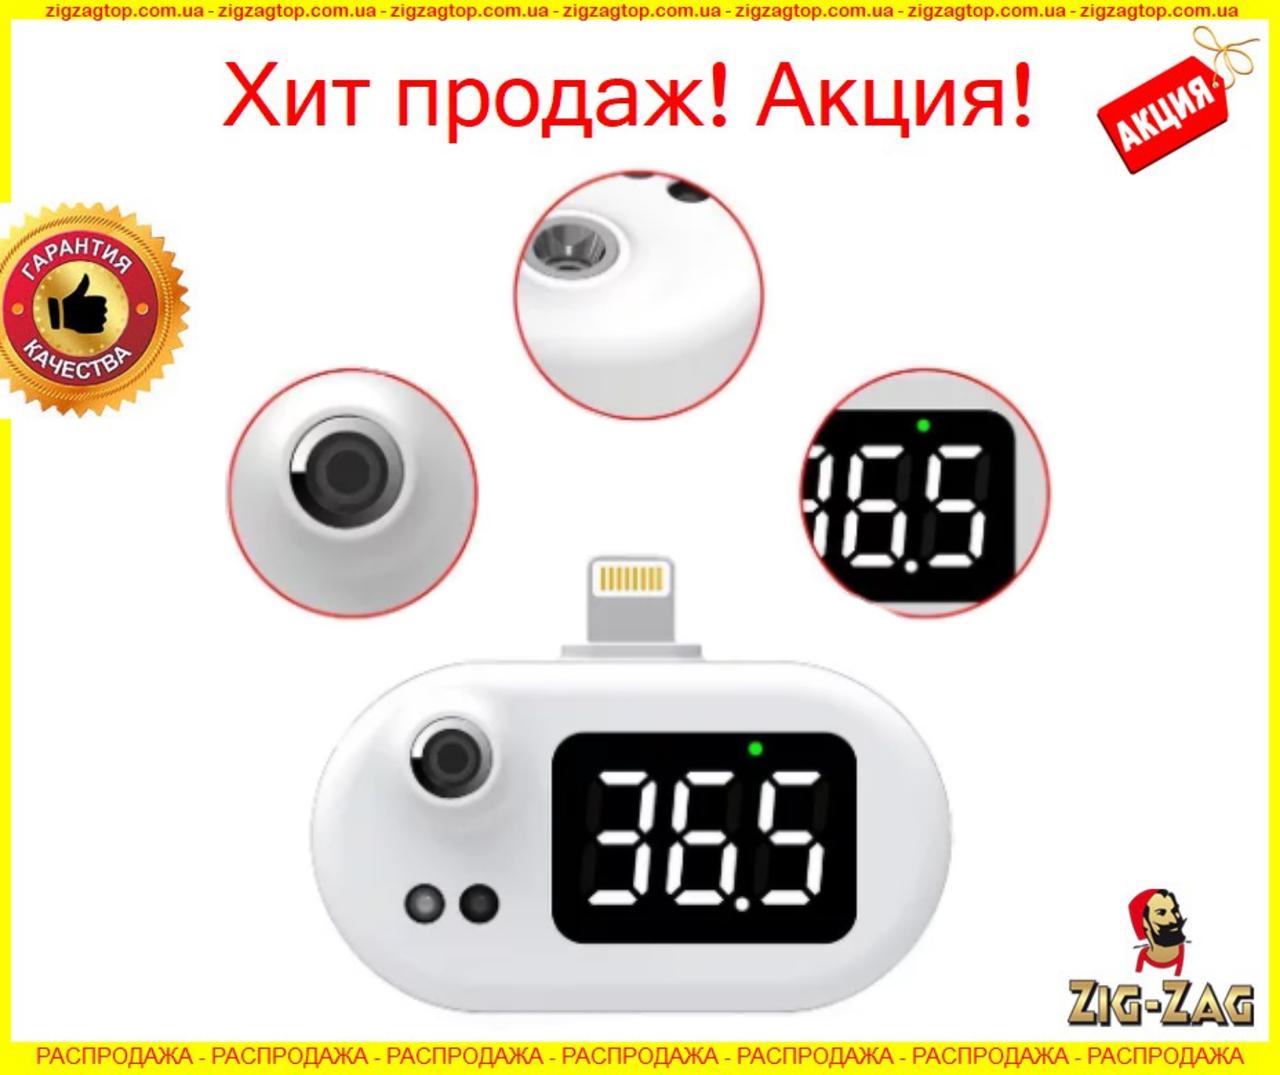 Термометр Беcконтактный для Тела Folem K8 белый с Подключением в Телефон IPone lightning Градусник Детей ТОП!